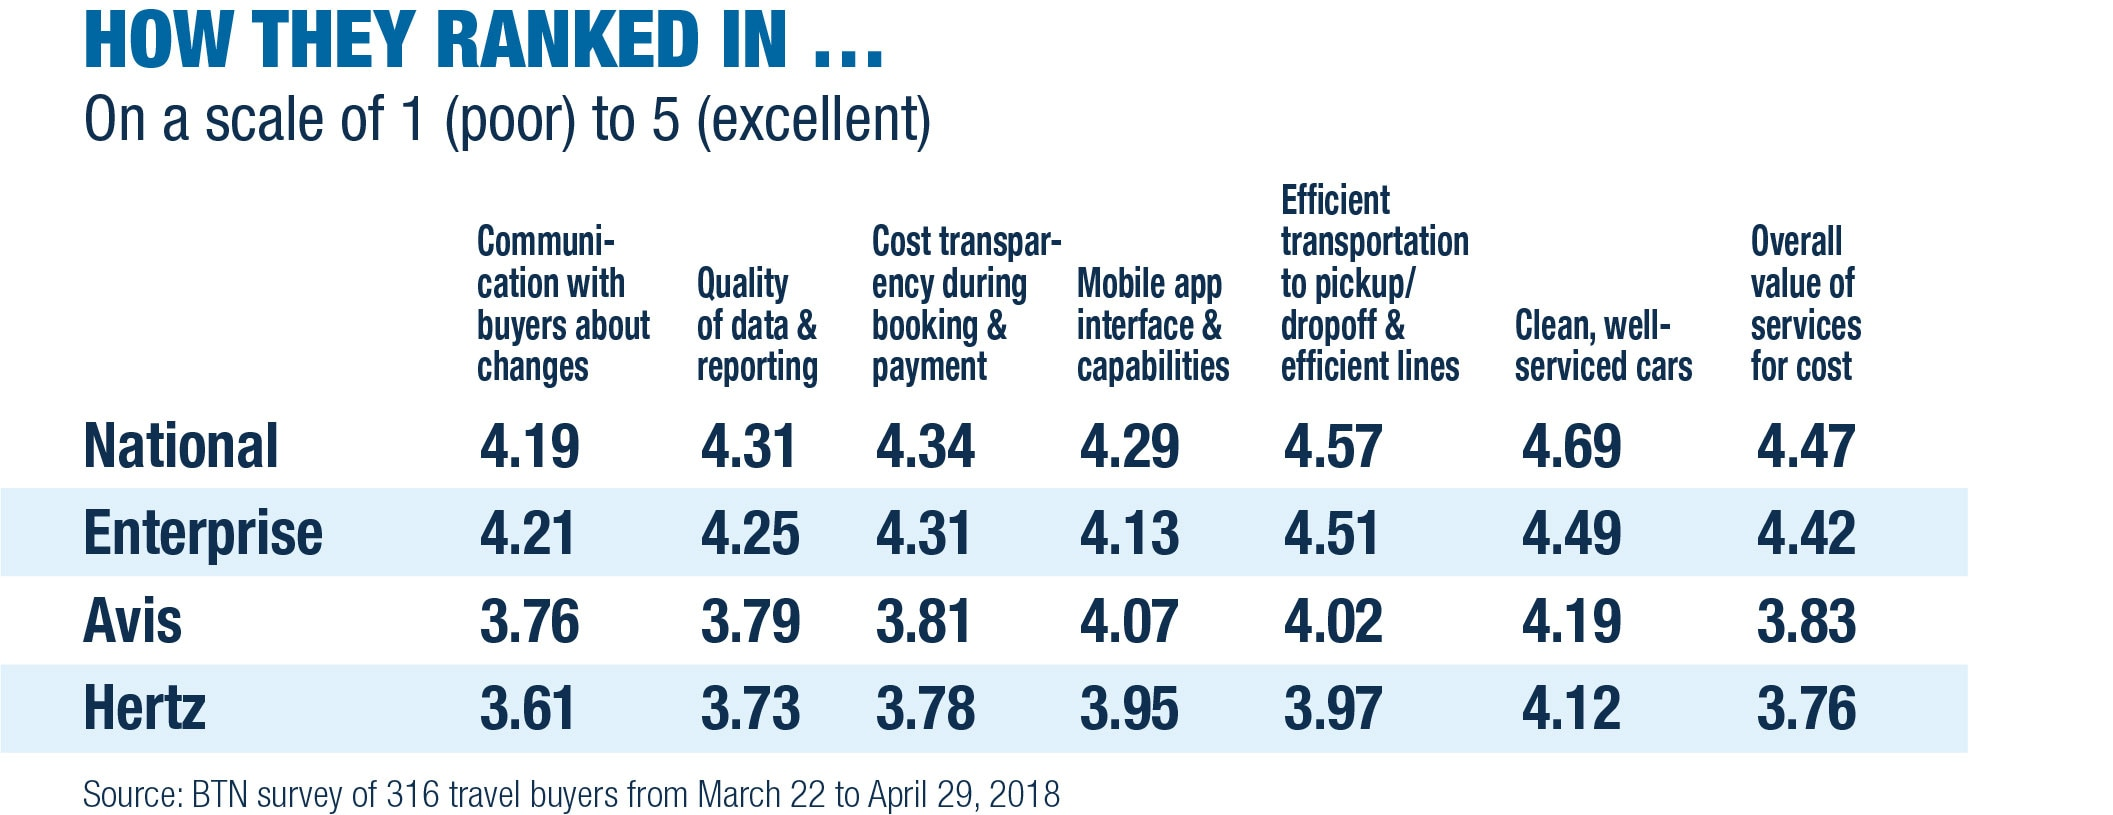 National Car Rental Enterprise Rent A Car Brands Rank Highest In